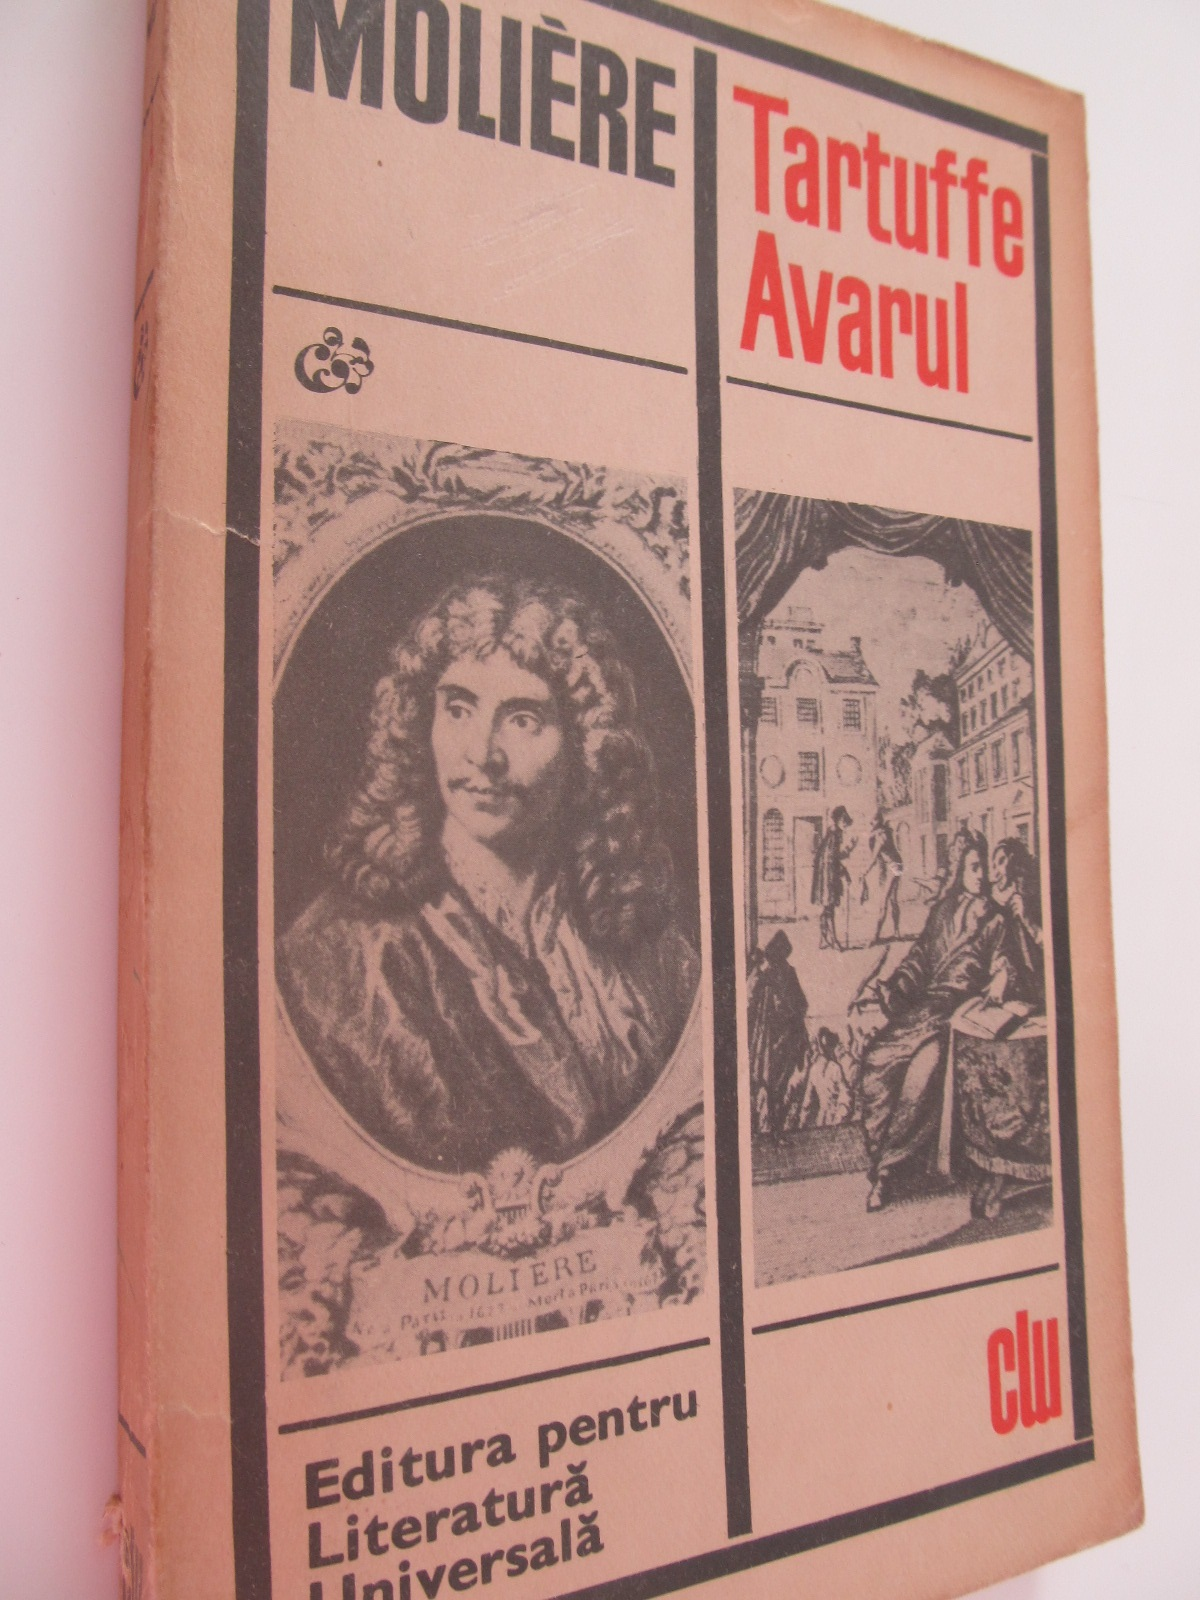 Carte Tartuffe Avarul - Moliere